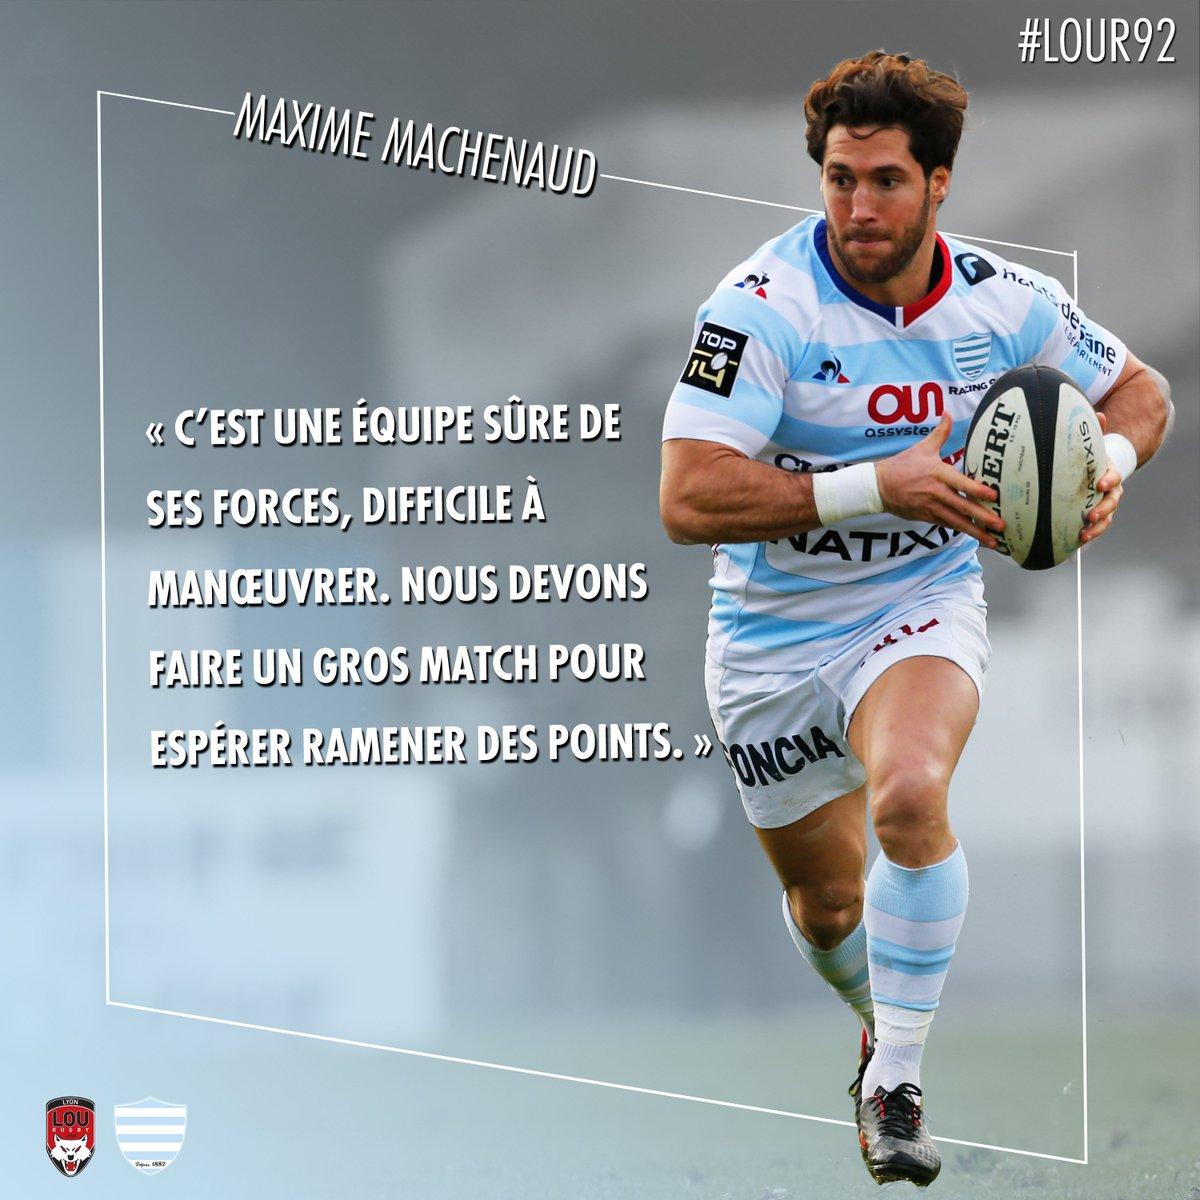 """""""@LeLOURugby est une équipe sûre de ses forces""""   Découvrez les déclas  de la conférence de presse de Maxime Machenaud, Antonie Claassen et Laurent Travers avant le match face au LOU !   #LOUR92 #Raci"""